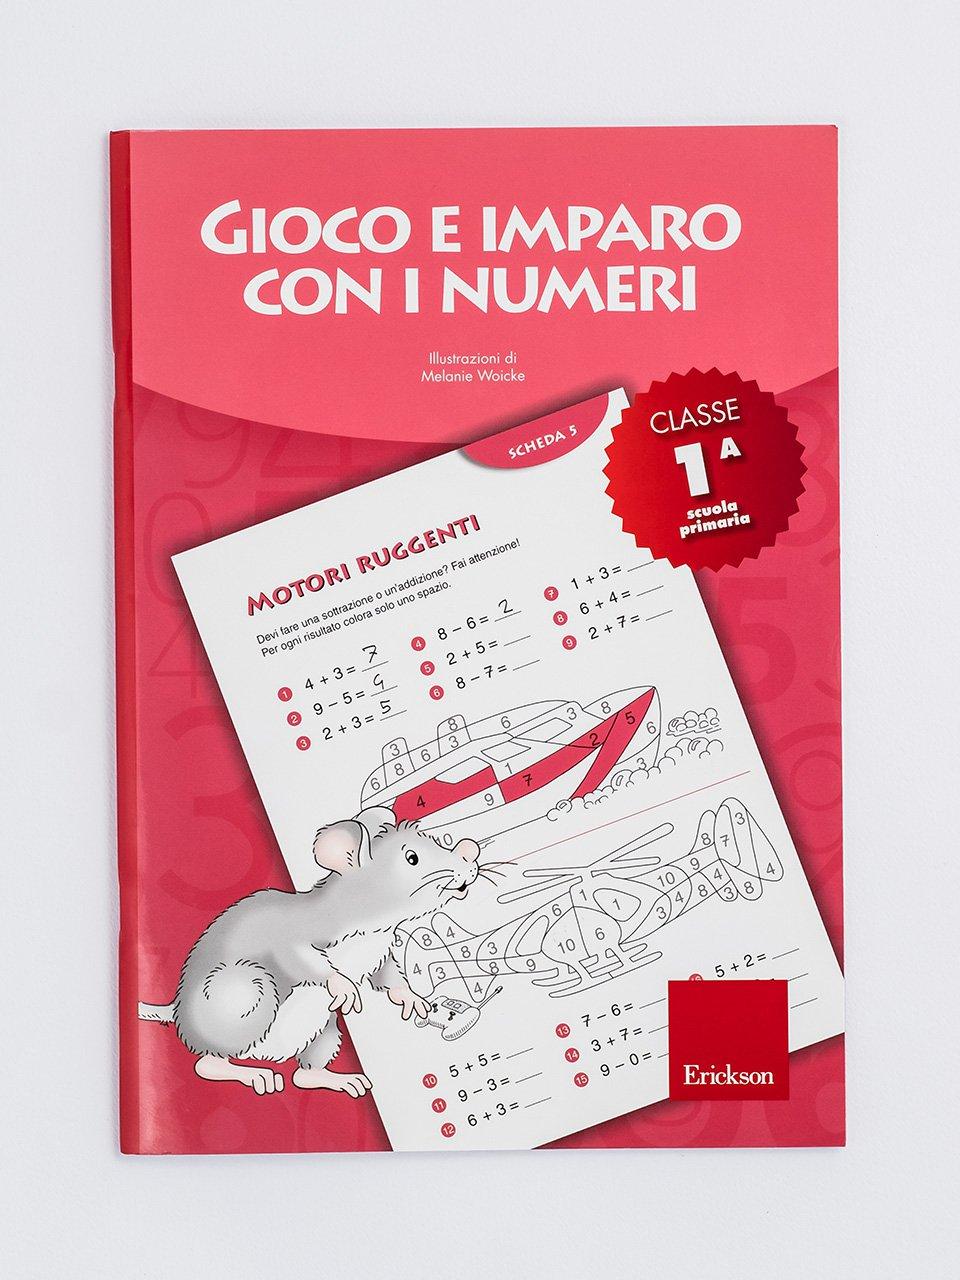 Gioco e imparo con i numeri - CLASSE PRIMA - Numeri in movimento - Libri - Erickson